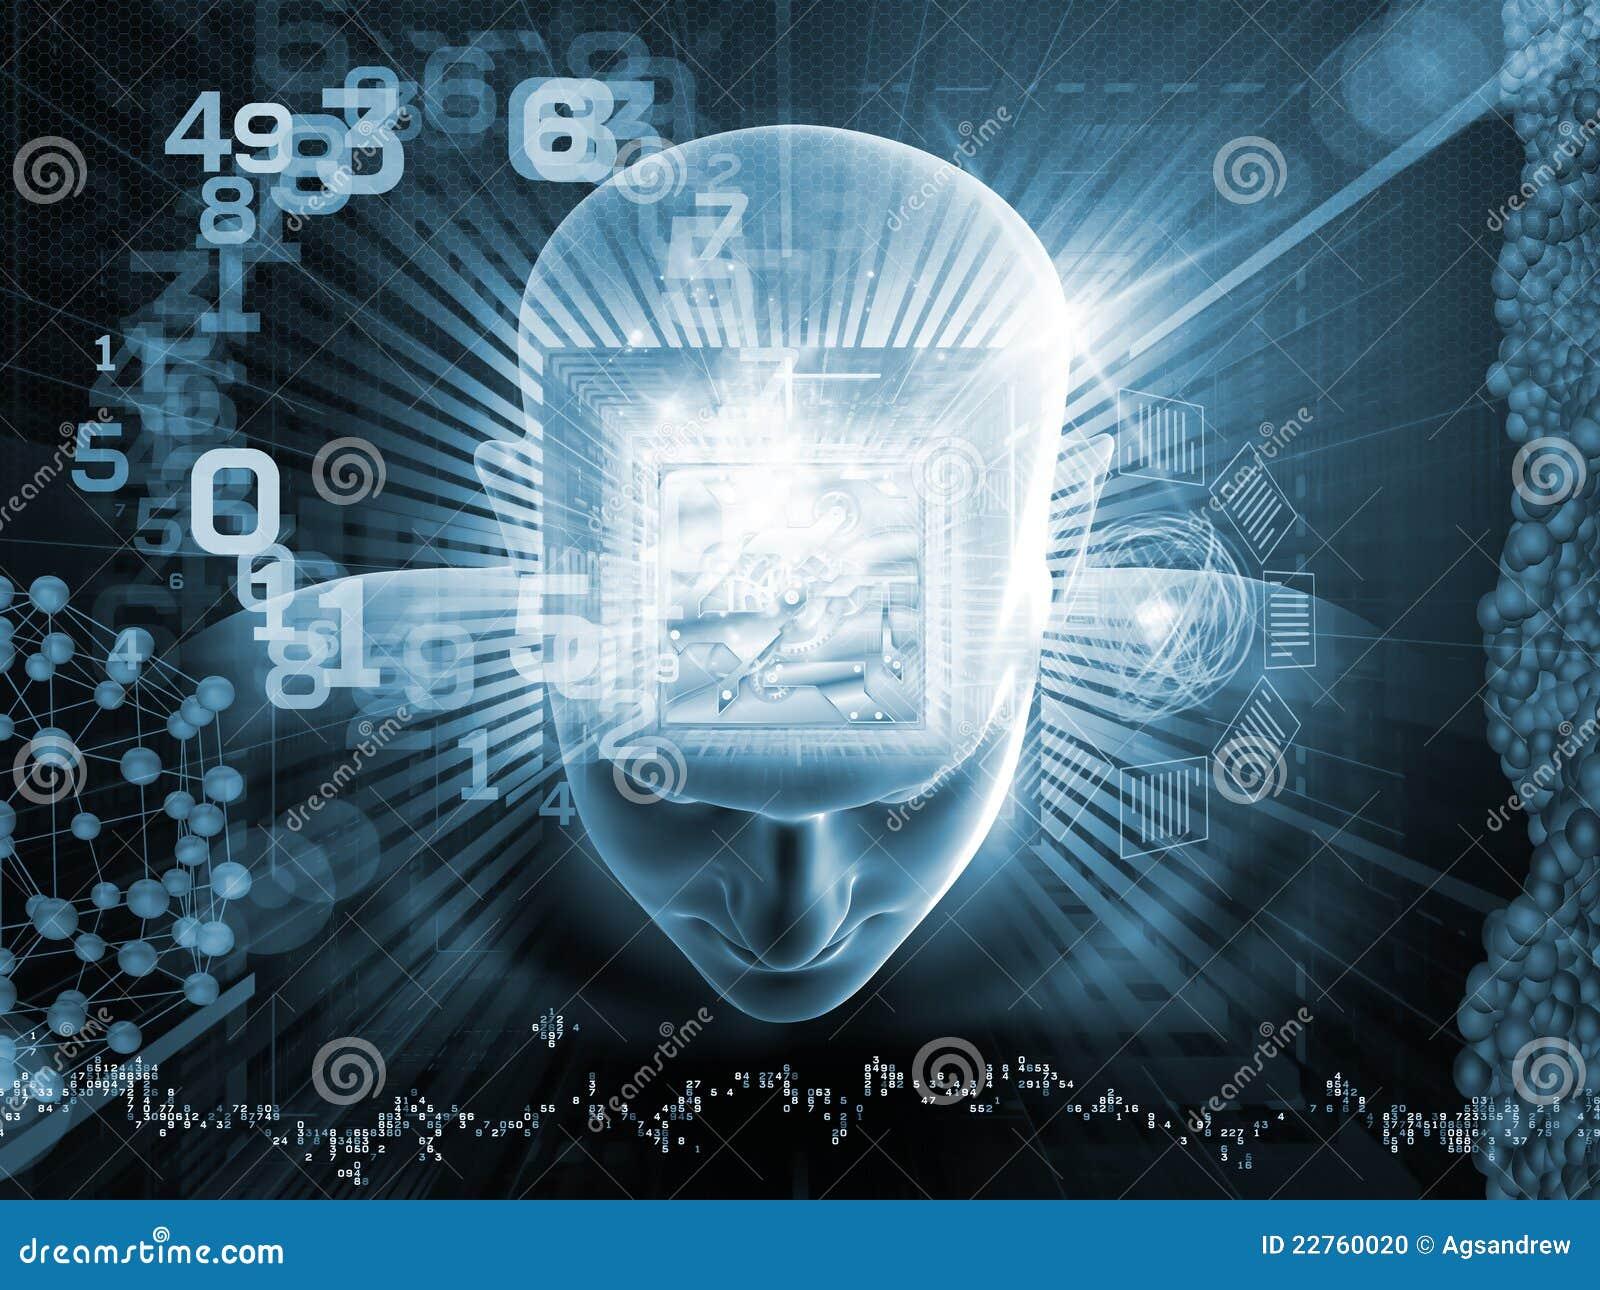 Various - Cyberspace 